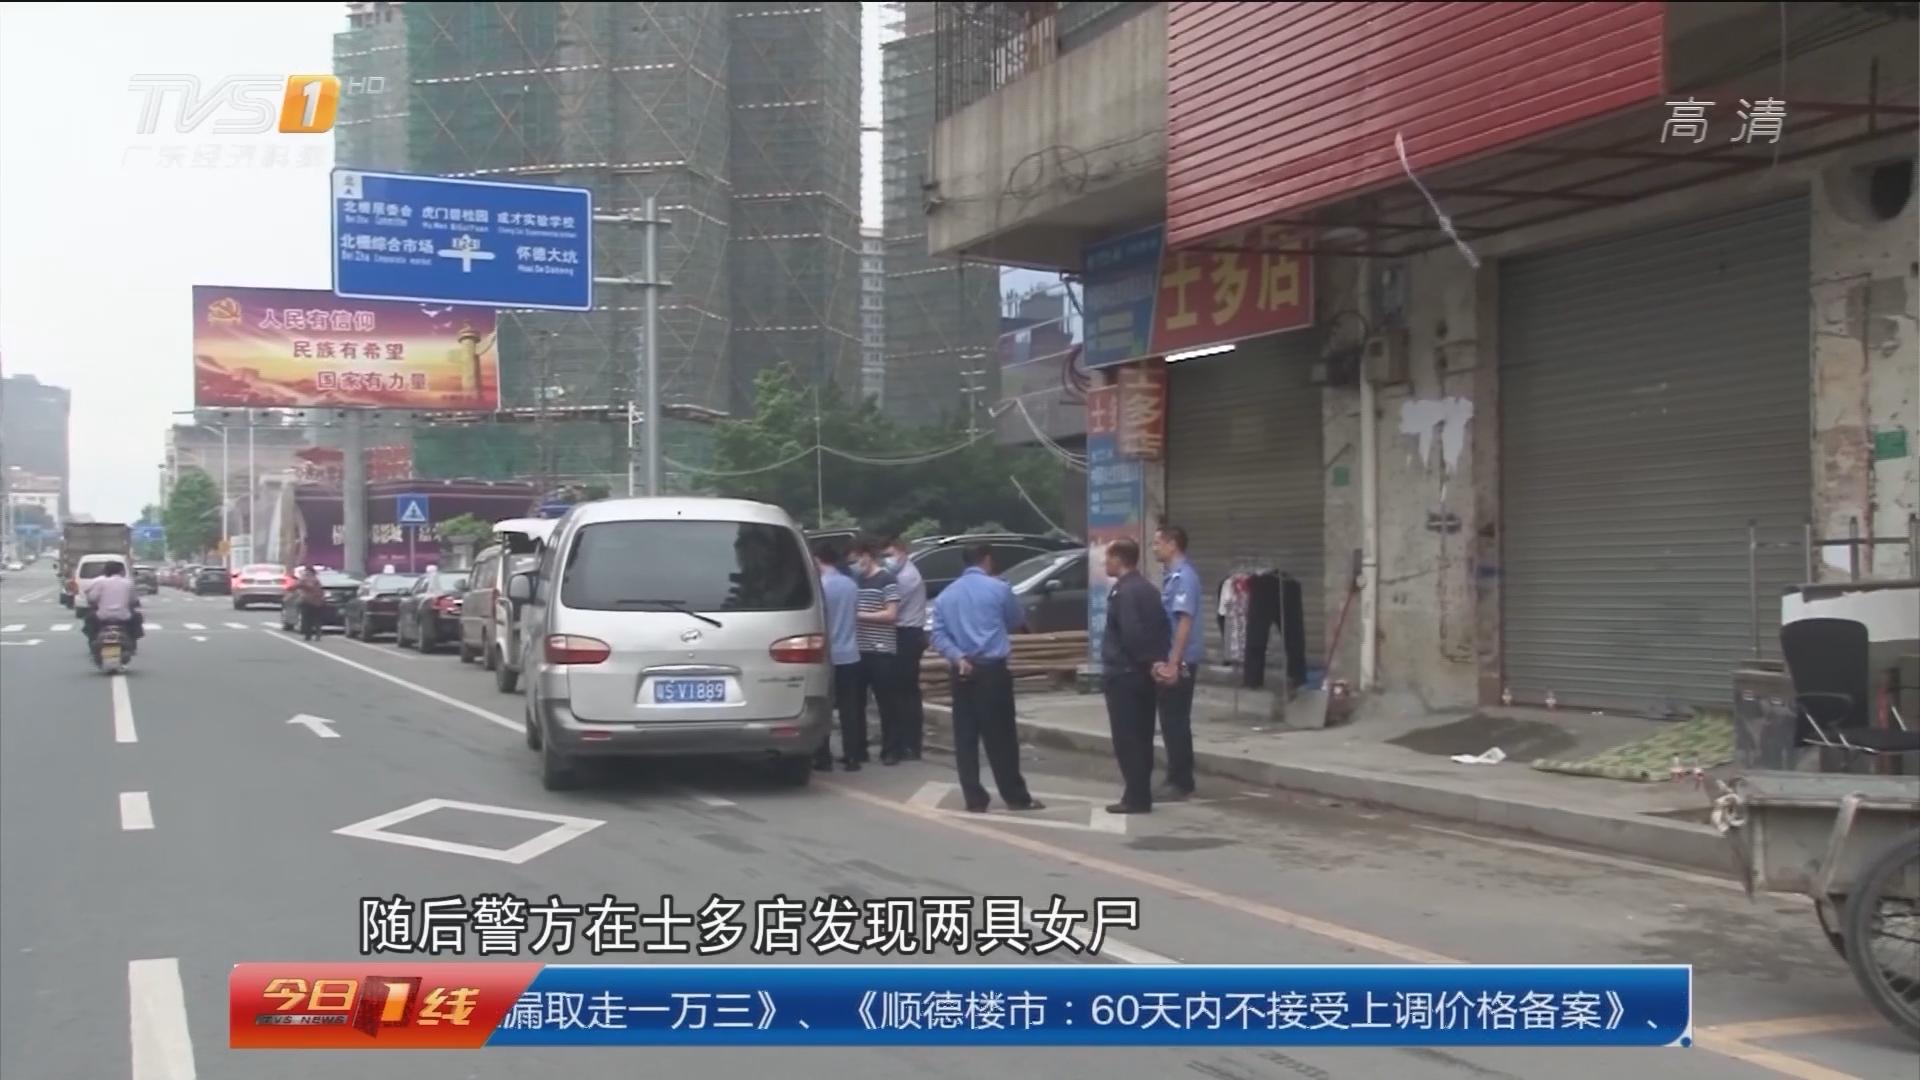 东莞:男子持刀杀妻杀母 砍伤三学生被制服